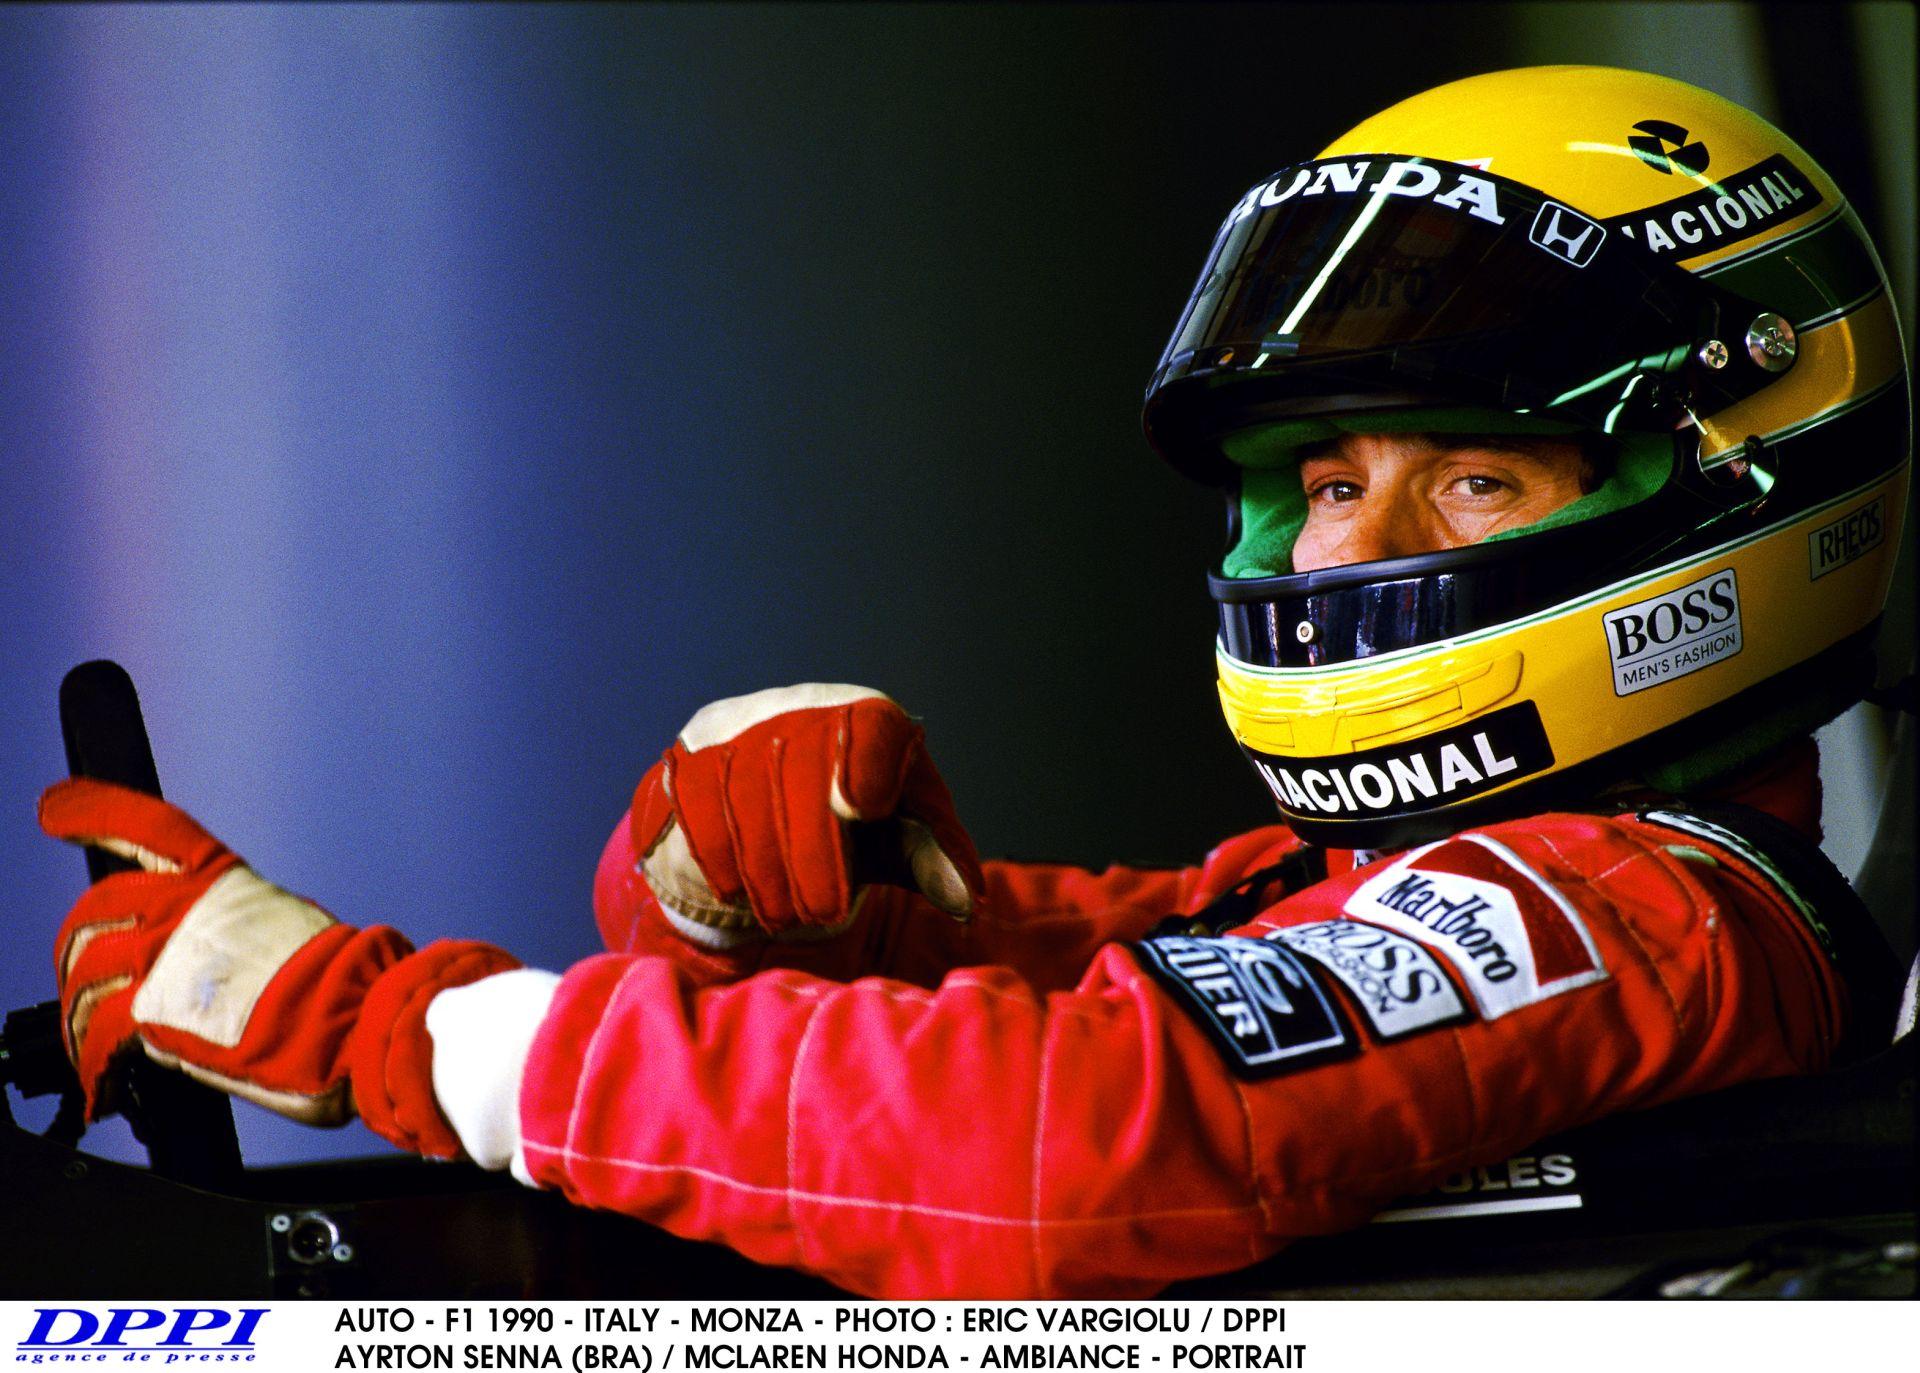 Egy egészen kivételes 25 perces F1-es felvétel Monzából: Így üldözi Berger Sennát